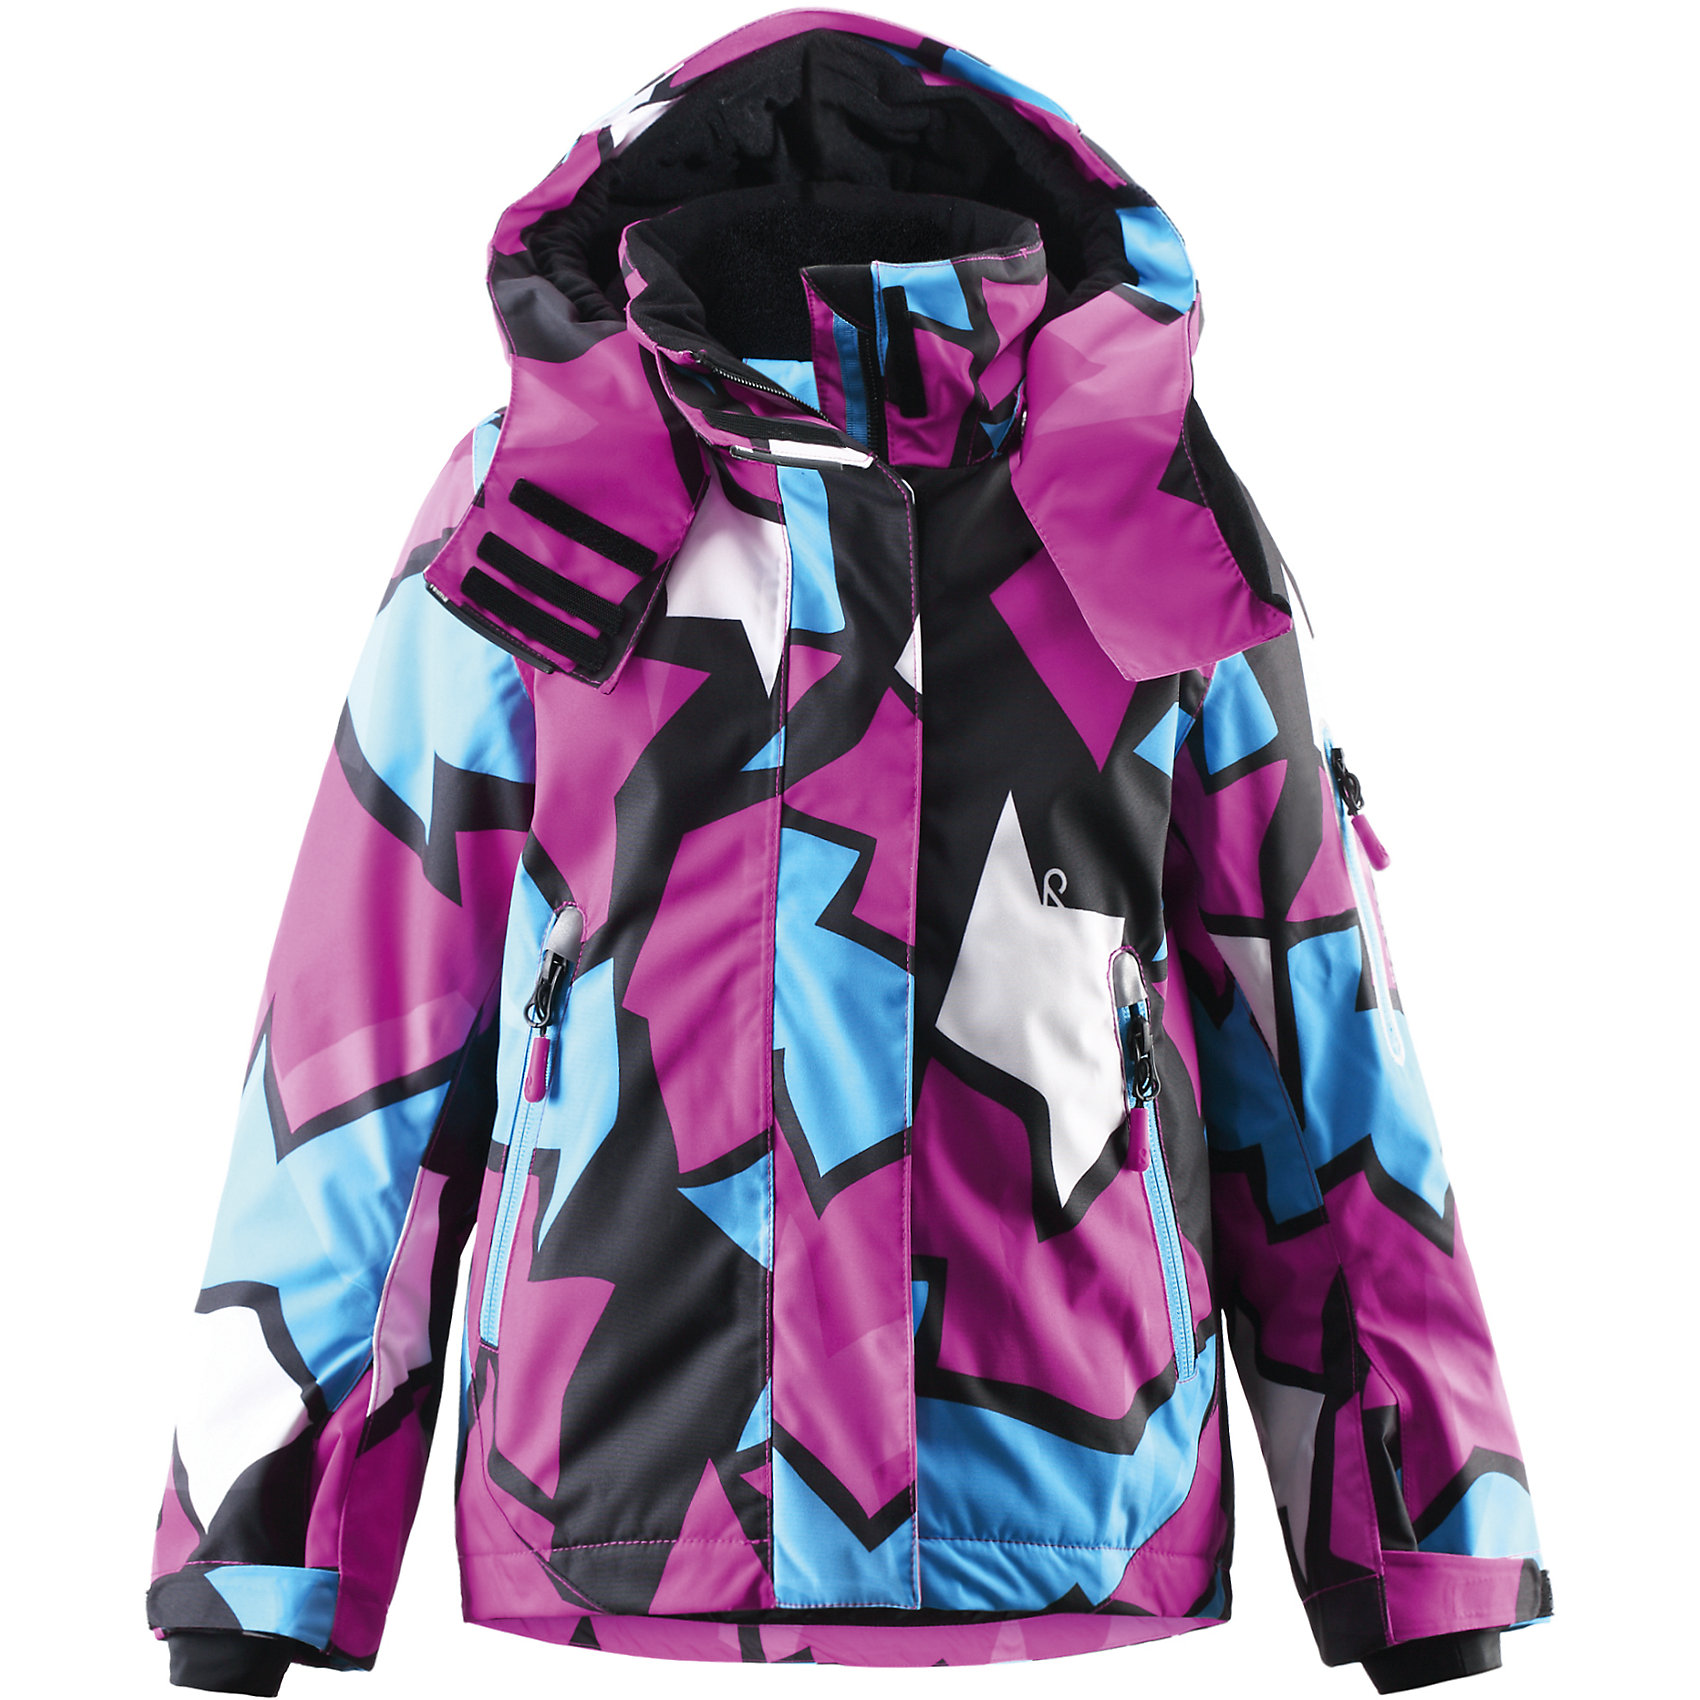 Куртка Roxana для девочки Reimatec® ReimaОдежда<br>Куртка для девочки Reimatec® Reima<br>Зимняя куртка для детей. Все швы проклеены и водонепроницаемы. Водо- и ветронепроницаемый «дышащий» материал. Крой для девочек. Гладкая подкладка из полиэстра. Безопасный, отстегивающийся и регулируемый капюшон. Регулируемые манжеты и внутренние манжеты из лайкры. Регулируемый подол, снегозащитный манжет на талии. Новая усовершенствованная молния — больше не застревает! Карман для очков и внутренний нагрудный карман. Карманы на молнии. Карман на рукаве с пластинчатым разъемом для датчика ReimaGO®. Принт по всей поверхности.<br>Утеплитель: Reima® Flex insulation,140 g<br>Уход:<br>Стирать по отдельности, вывернув наизнанку. Застегнуть молнии и липучки. Стирать моющим средством, не содержащим отбеливающие вещества. Полоскать без специального средства. Во избежание изменения цвета изделие необходимо вынуть из стиральной машинки незамедлительно после окончания программы стирки. Можно сушить в сушильном шкафу или центрифуге (макс. 40° C).<br>Состав:<br>100% Полиамид, полиуретановое покрытие<br><br>Ширина мм: 356<br>Глубина мм: 10<br>Высота мм: 245<br>Вес г: 519<br>Цвет: розовый<br>Возраст от месяцев: 24<br>Возраст до месяцев: 36<br>Пол: Женский<br>Возраст: Детский<br>Размер: 98,110,92,128,122,134,140,104,116<br>SKU: 4776480